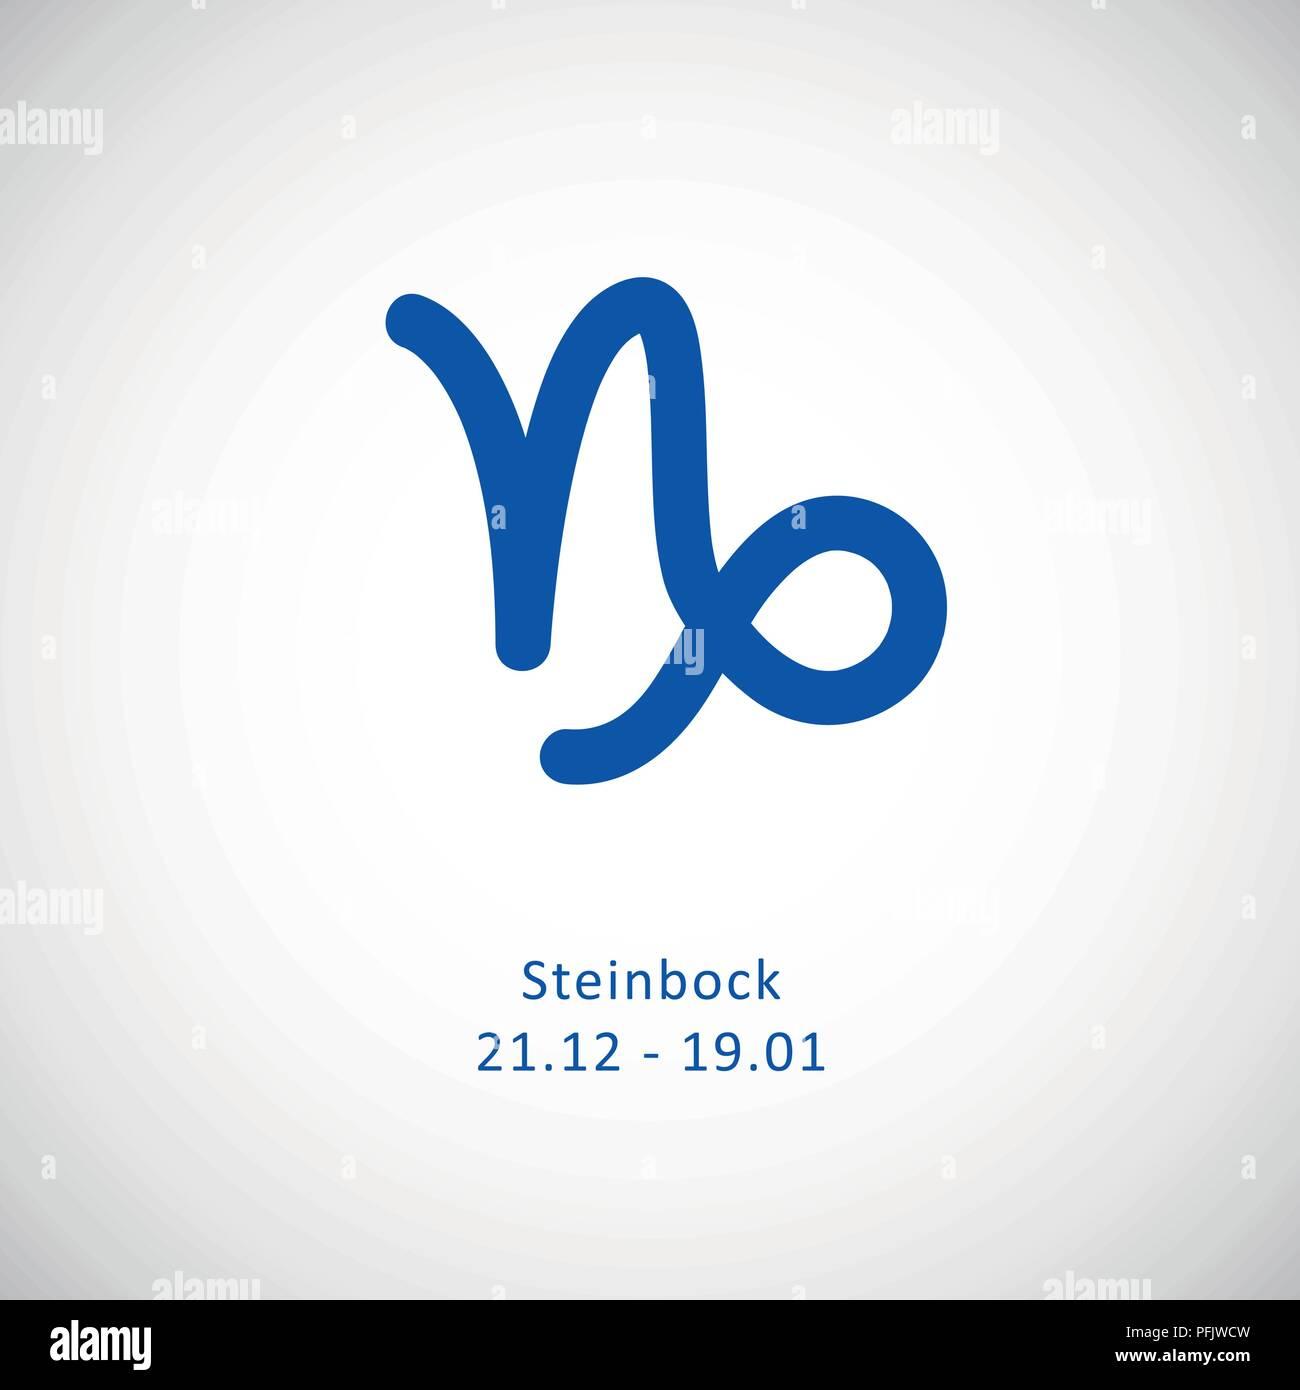 Steinbock symbole für sternzeichen Steinbock (Tierkreiszeichen)